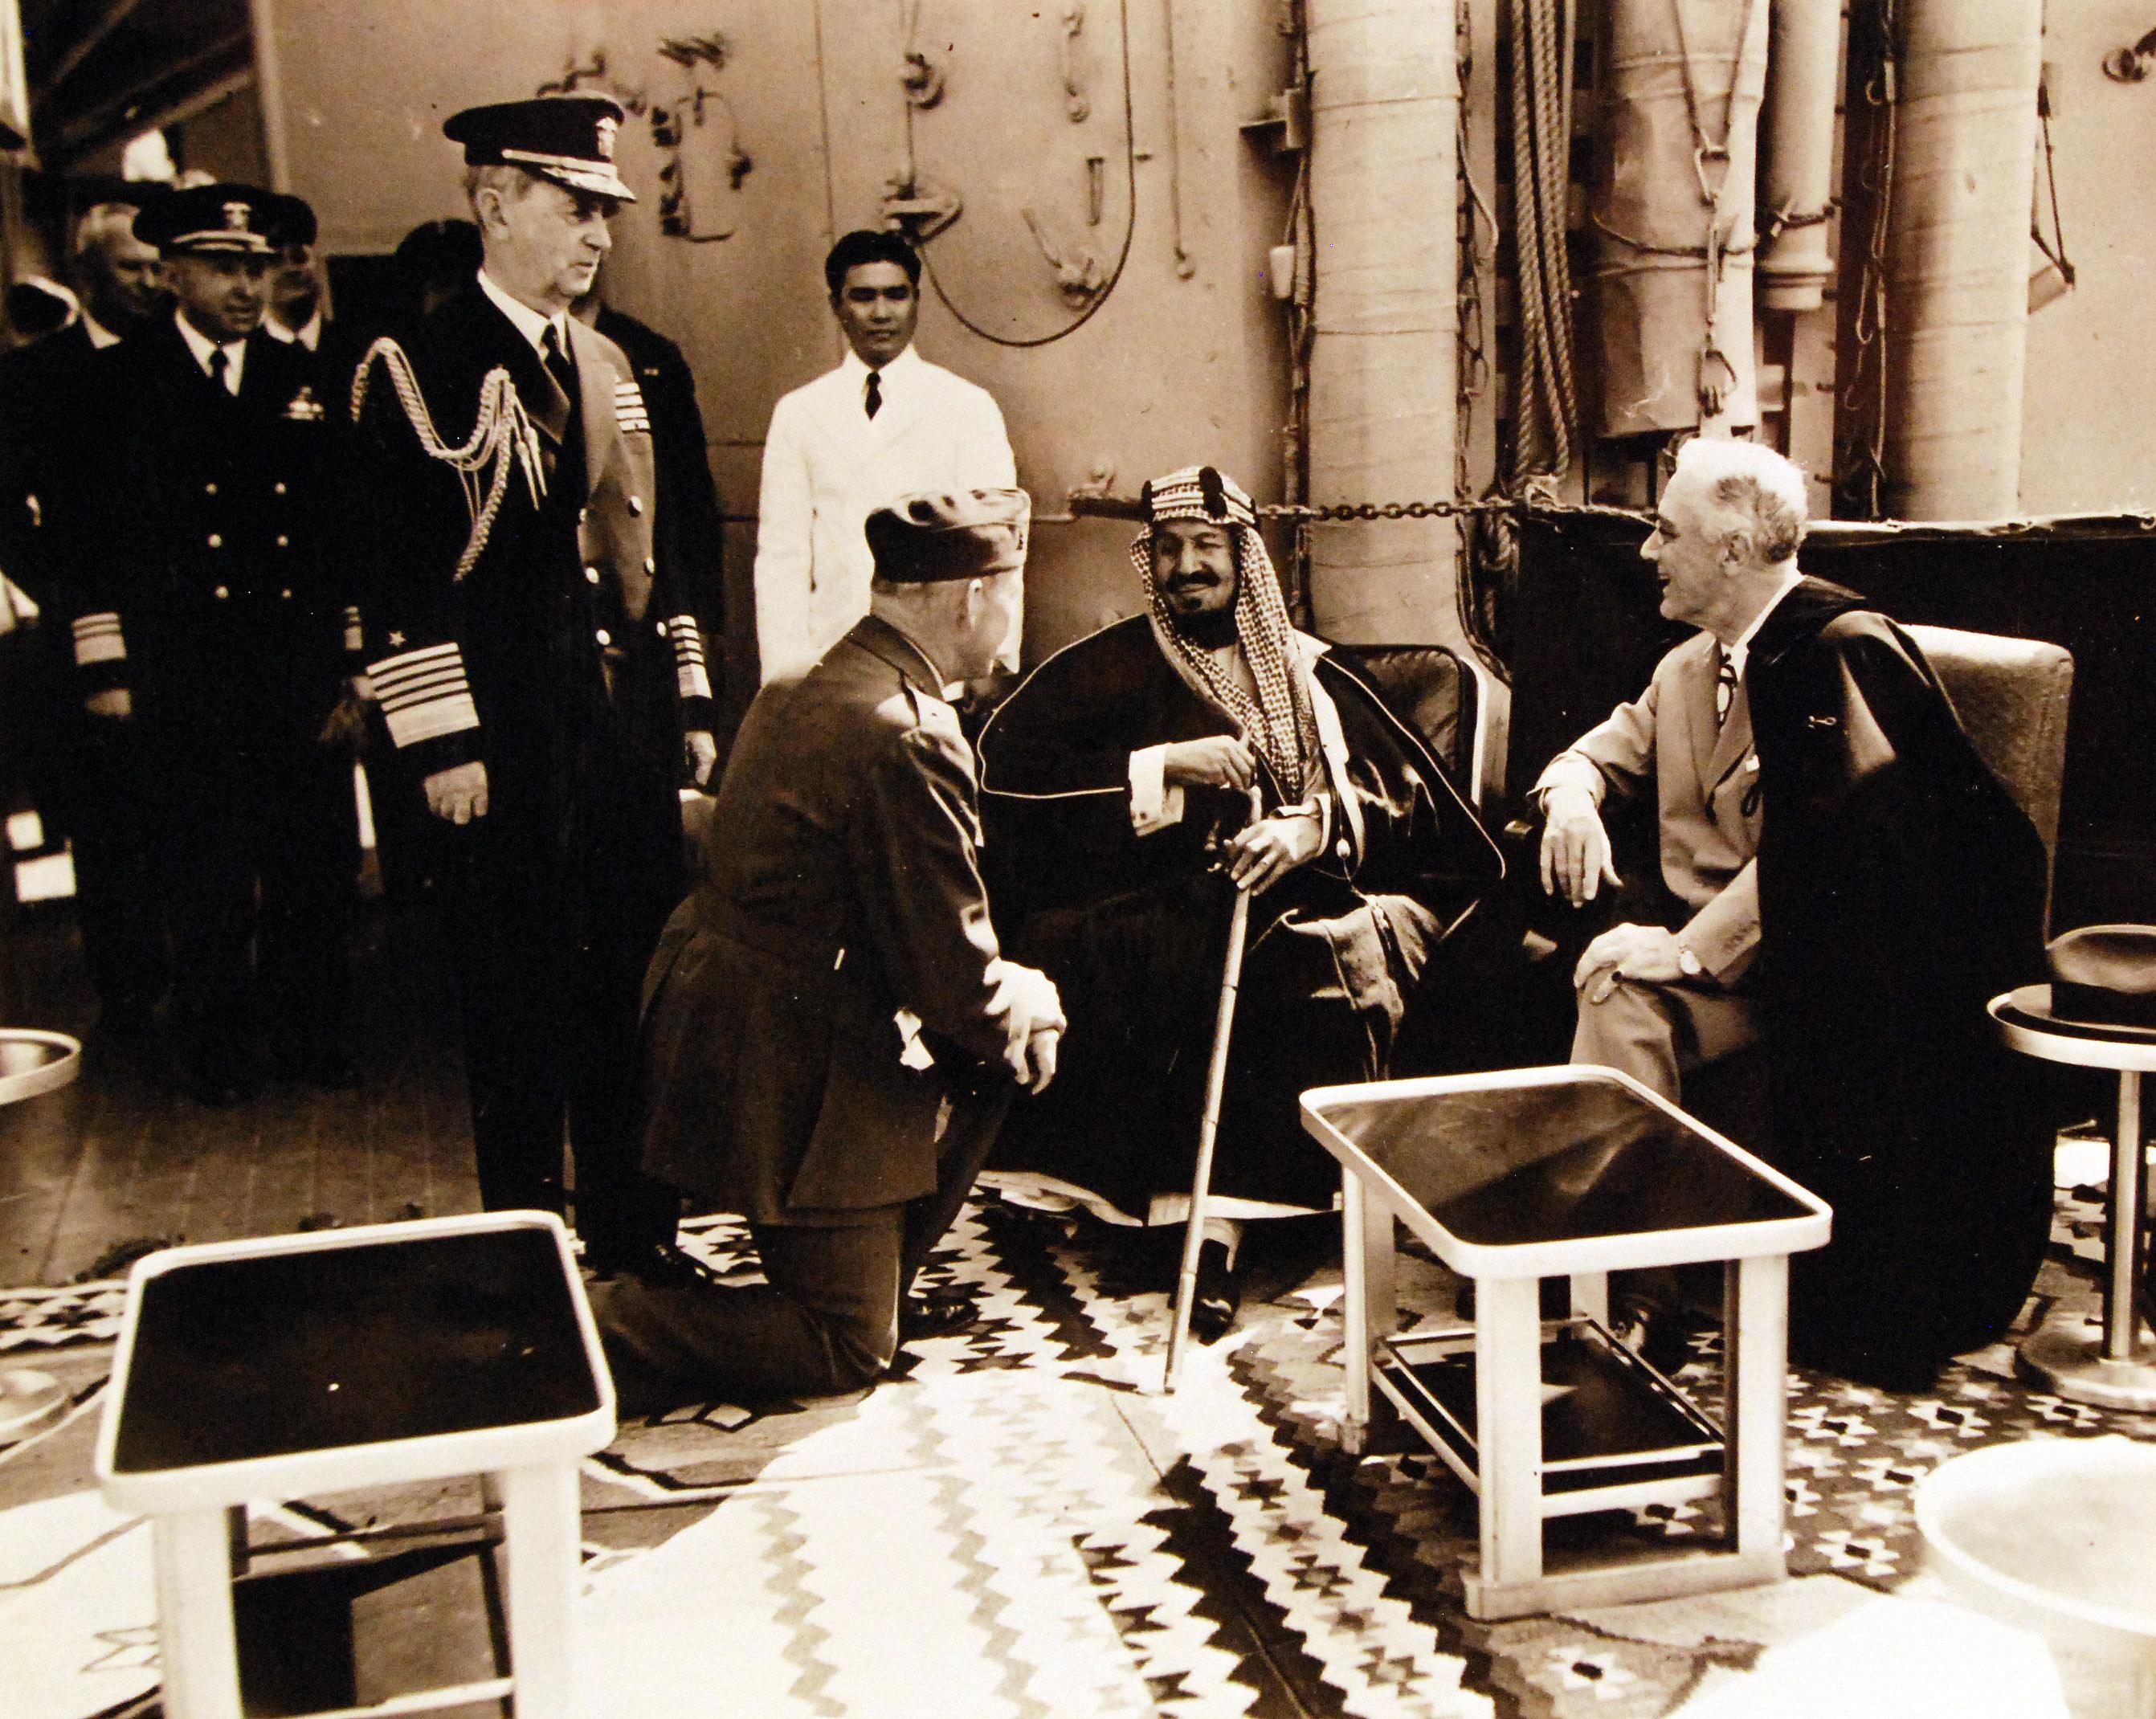 Президент Франклин Д. Рузвельт с арабским сановником. Адмирал флота Уильям Д.Леги находится слева